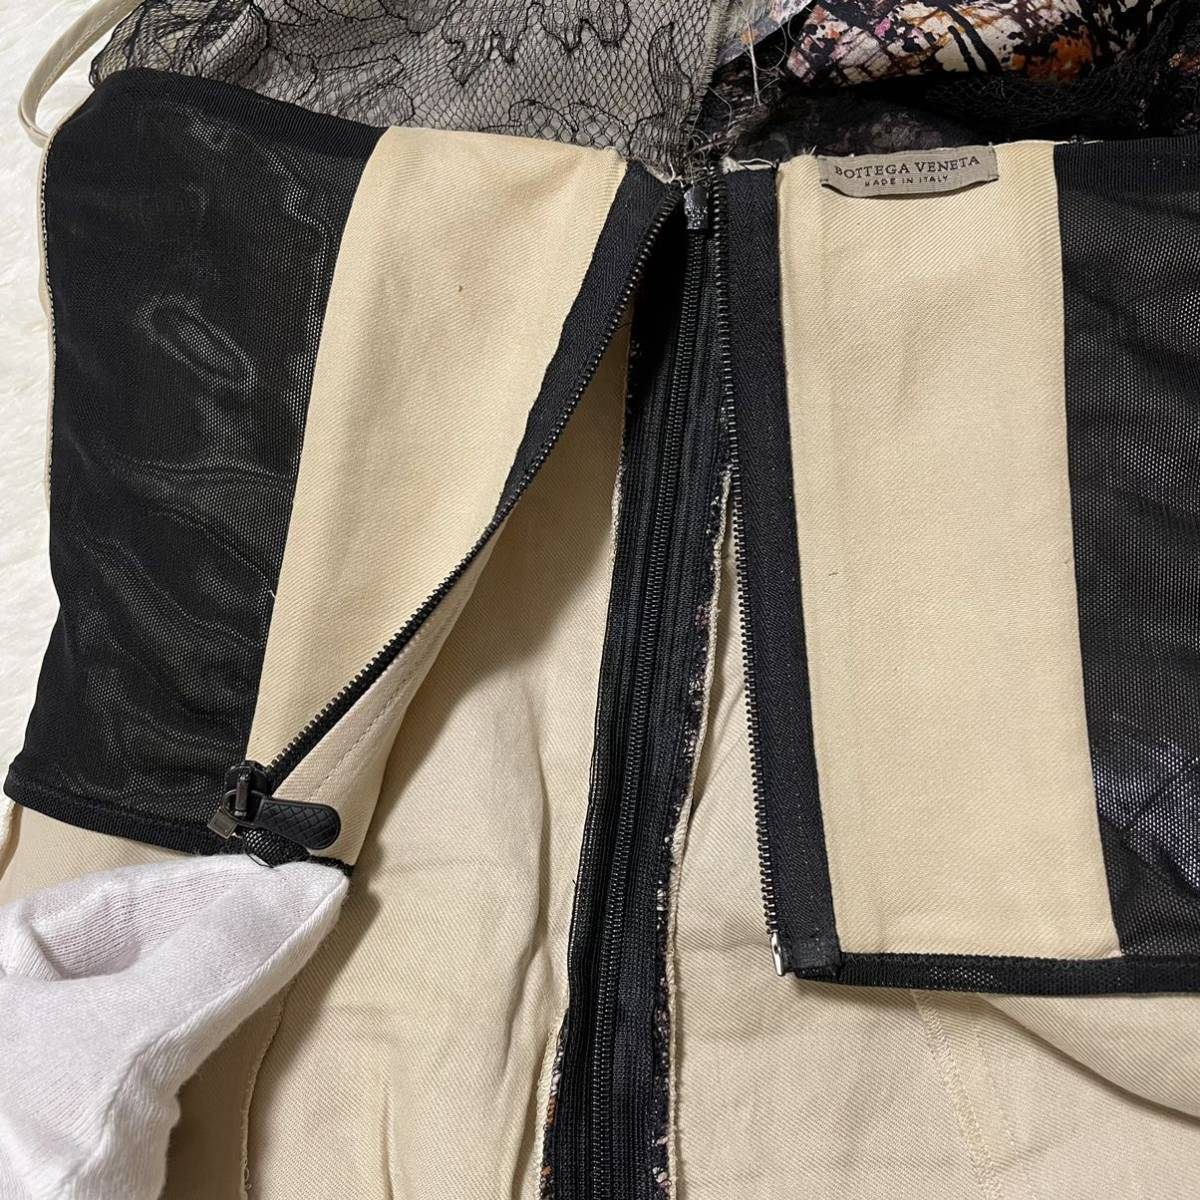 本物 コレクションモデル ボッテガヴェネタ シルク混 レース ギャザーレイヤード オフショルダー ワンピース ドレス 38 BOTTEGA VENETA_画像6